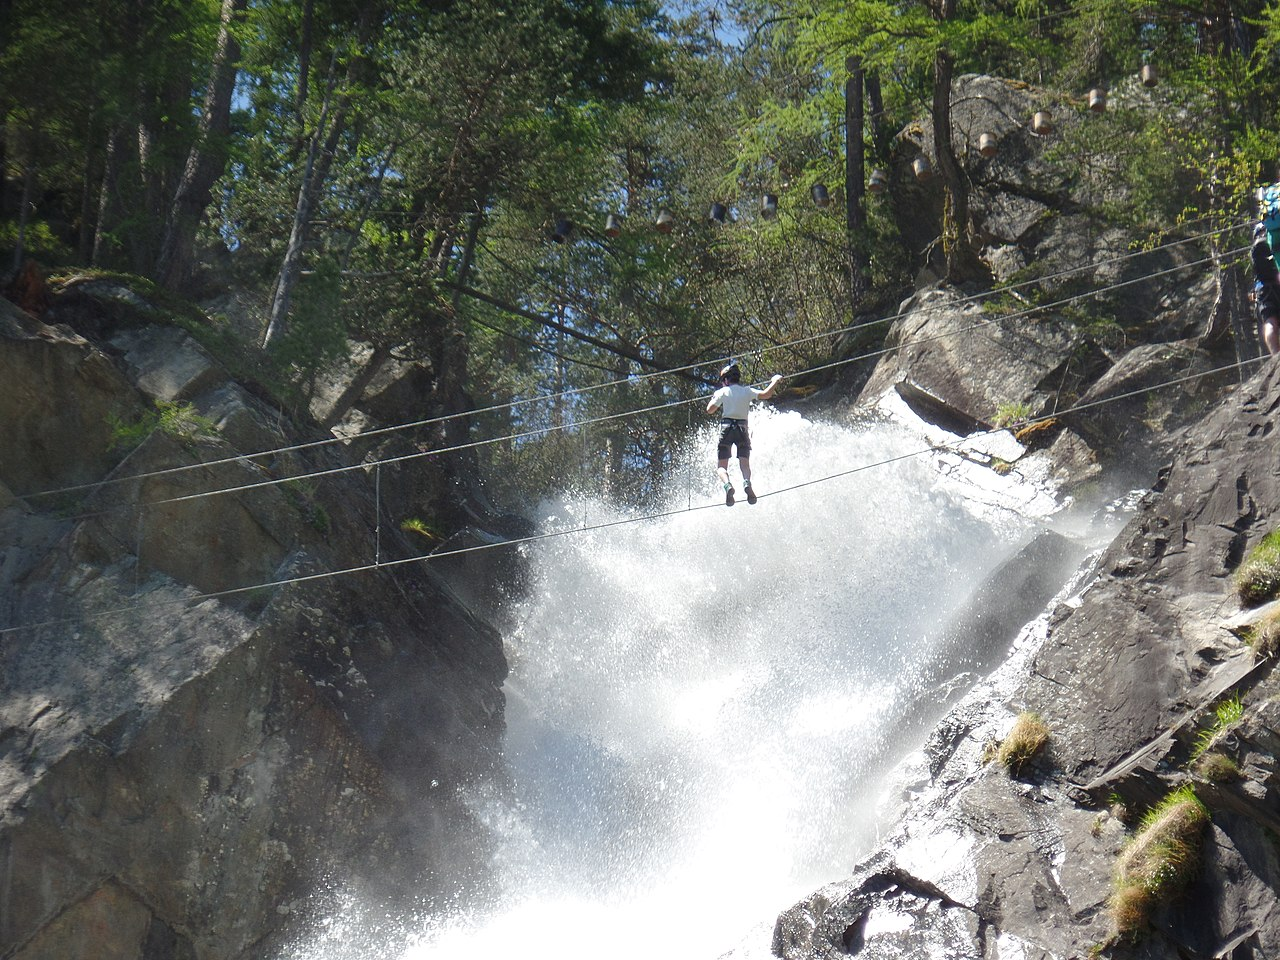 Klettersteig Lehner Wasserfall : Datei:klettersteig lehner wasserfall panoramio 7 .jpg u2013 wikipedia